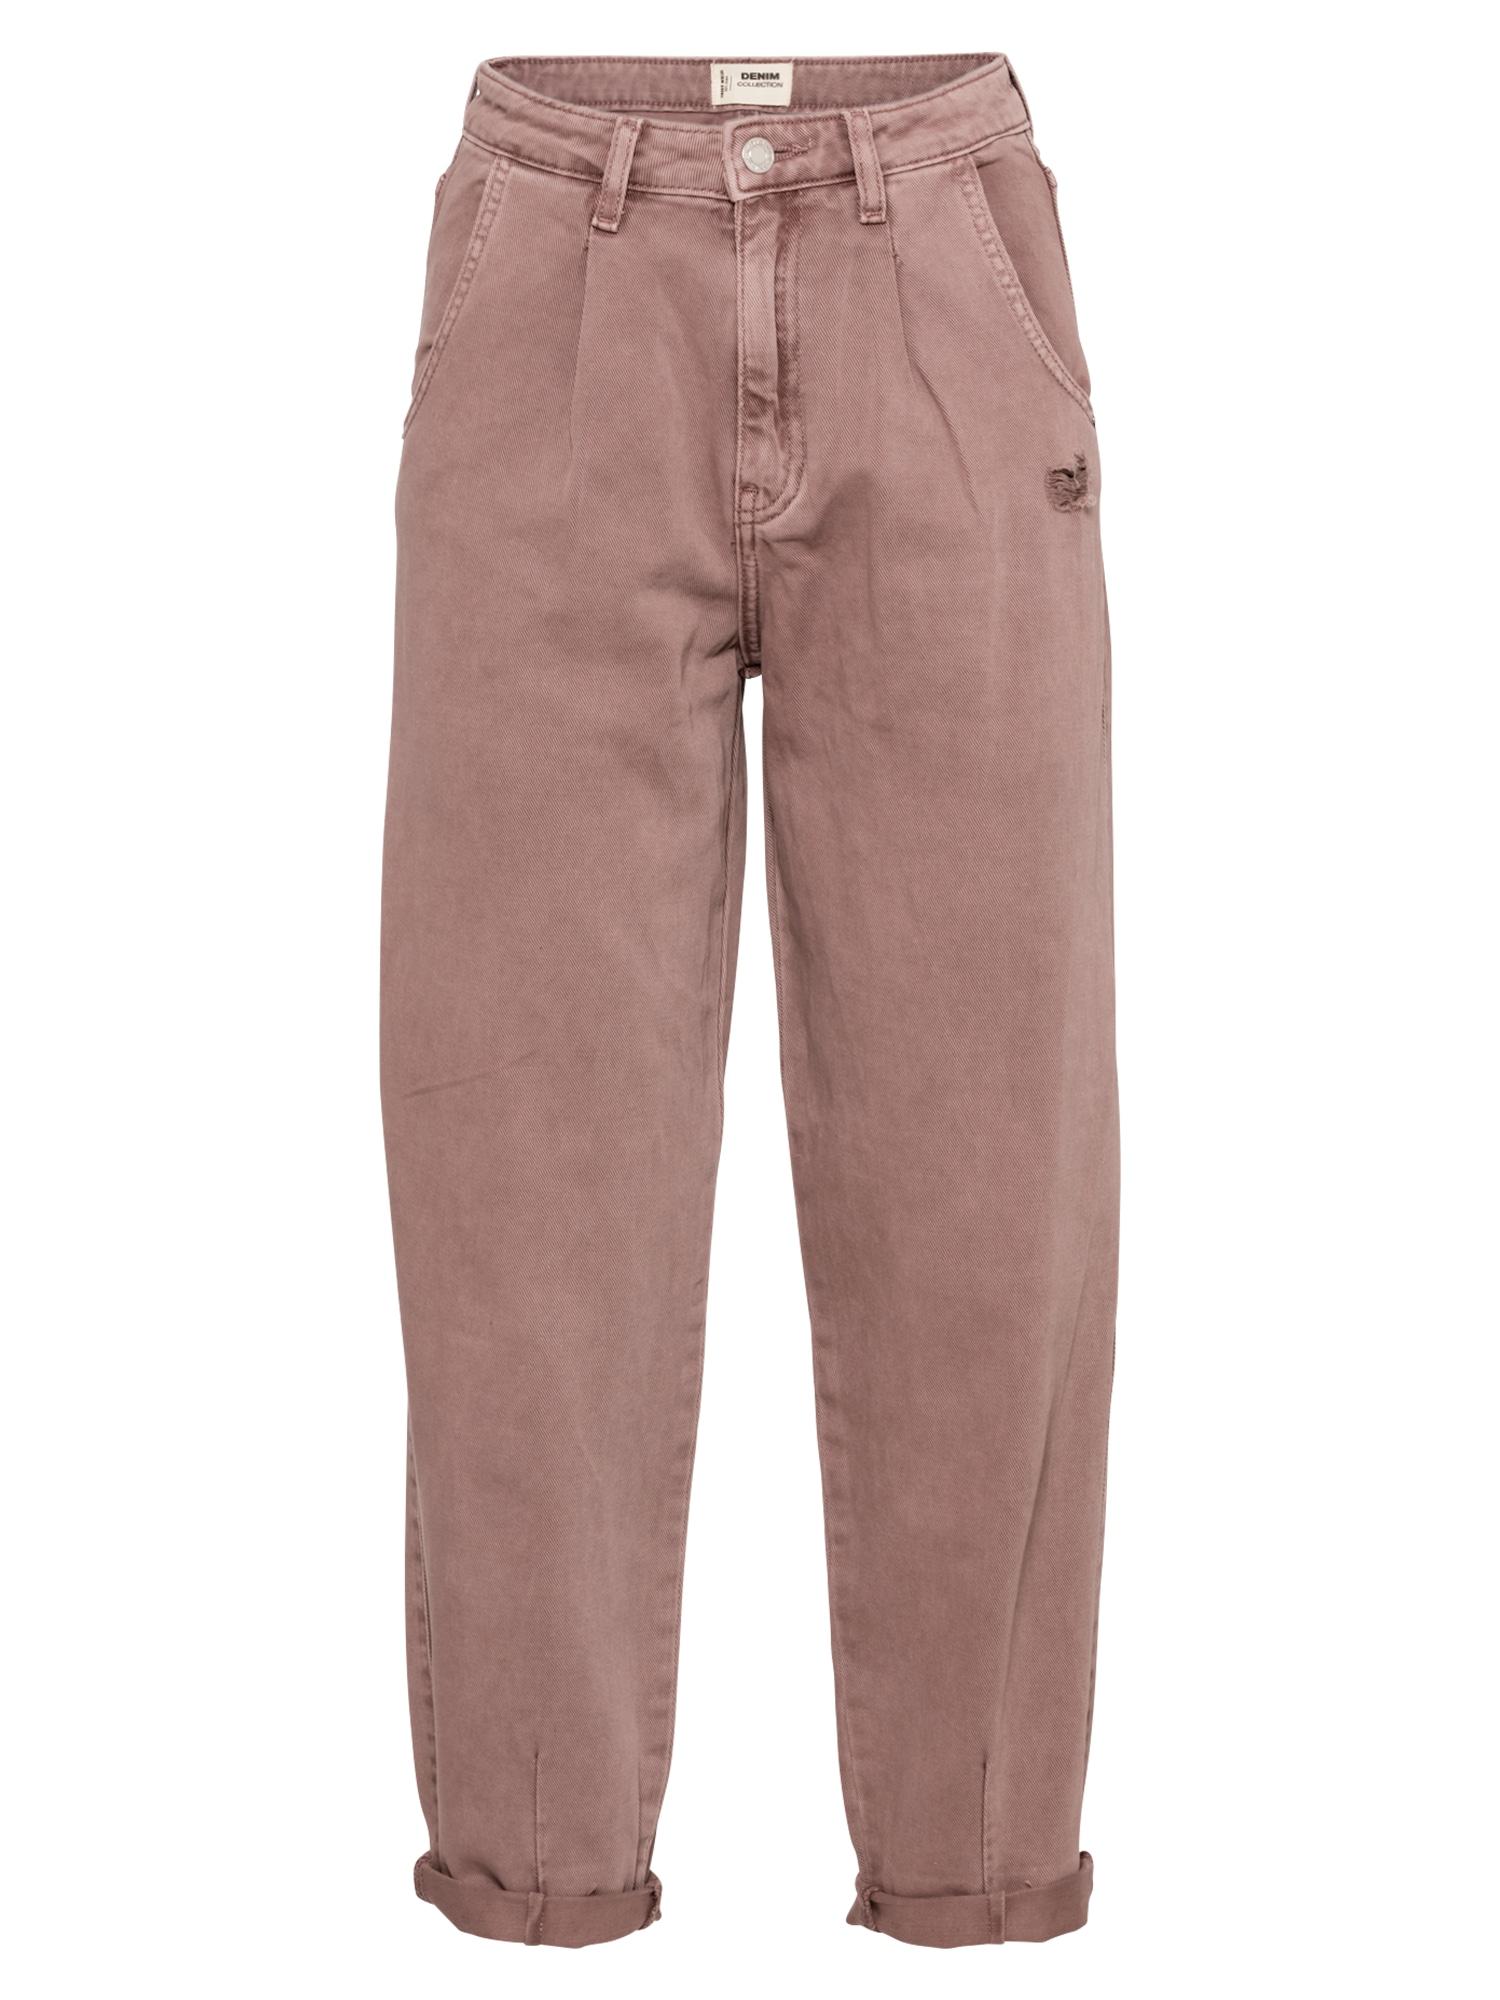 Tally Weijl Džinsai ryškiai rožinė spalva